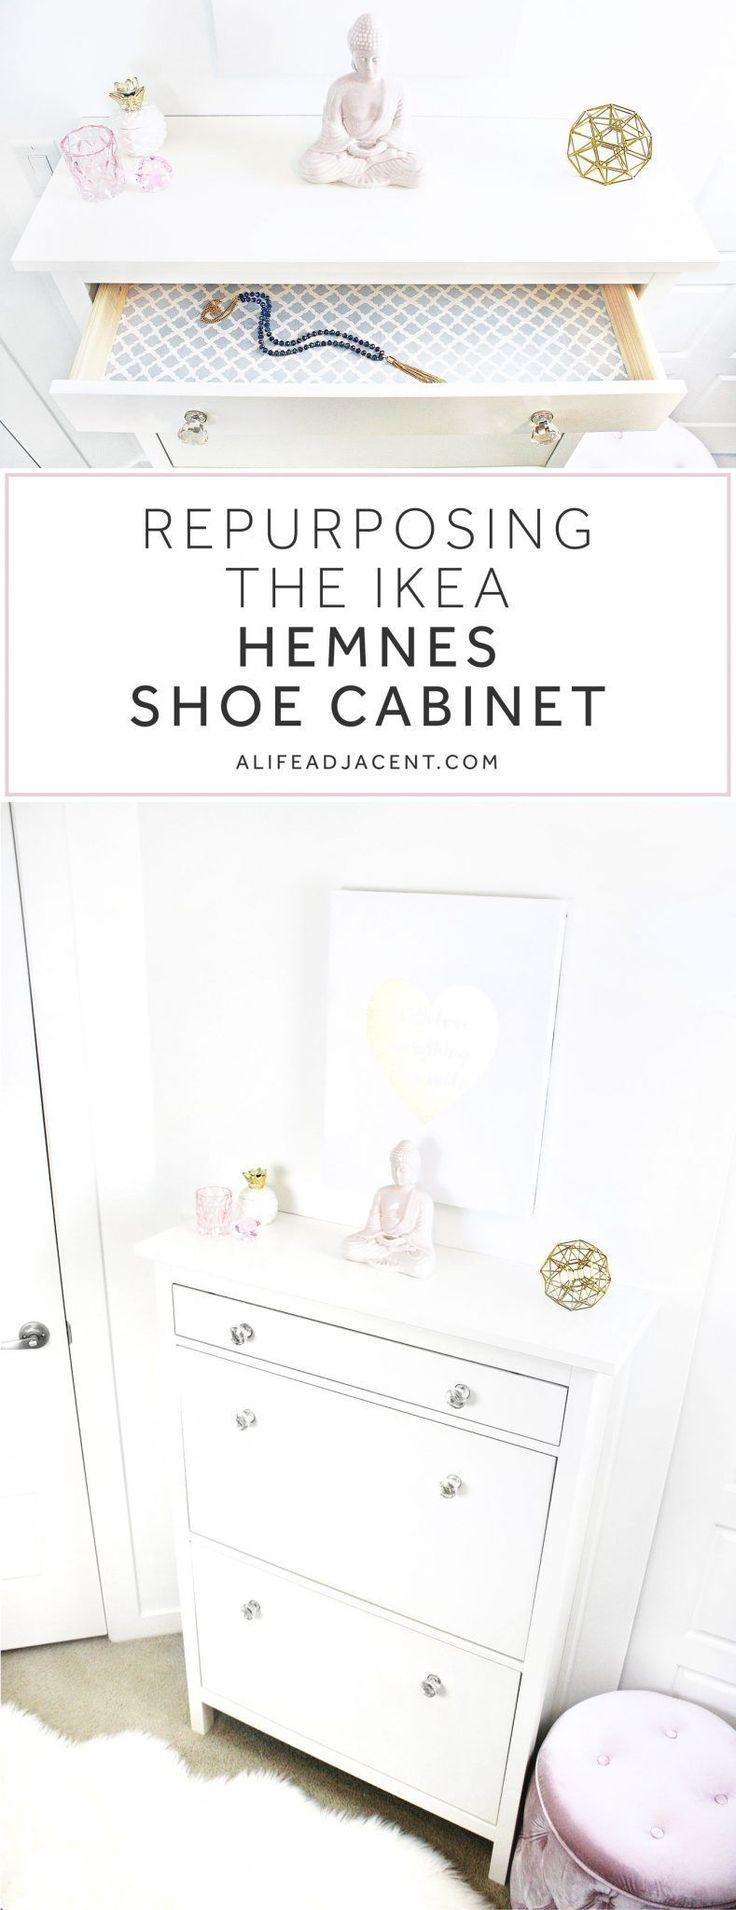 Umnutzung des IKEA Hemnes Schuhschrankes für einen kleinen